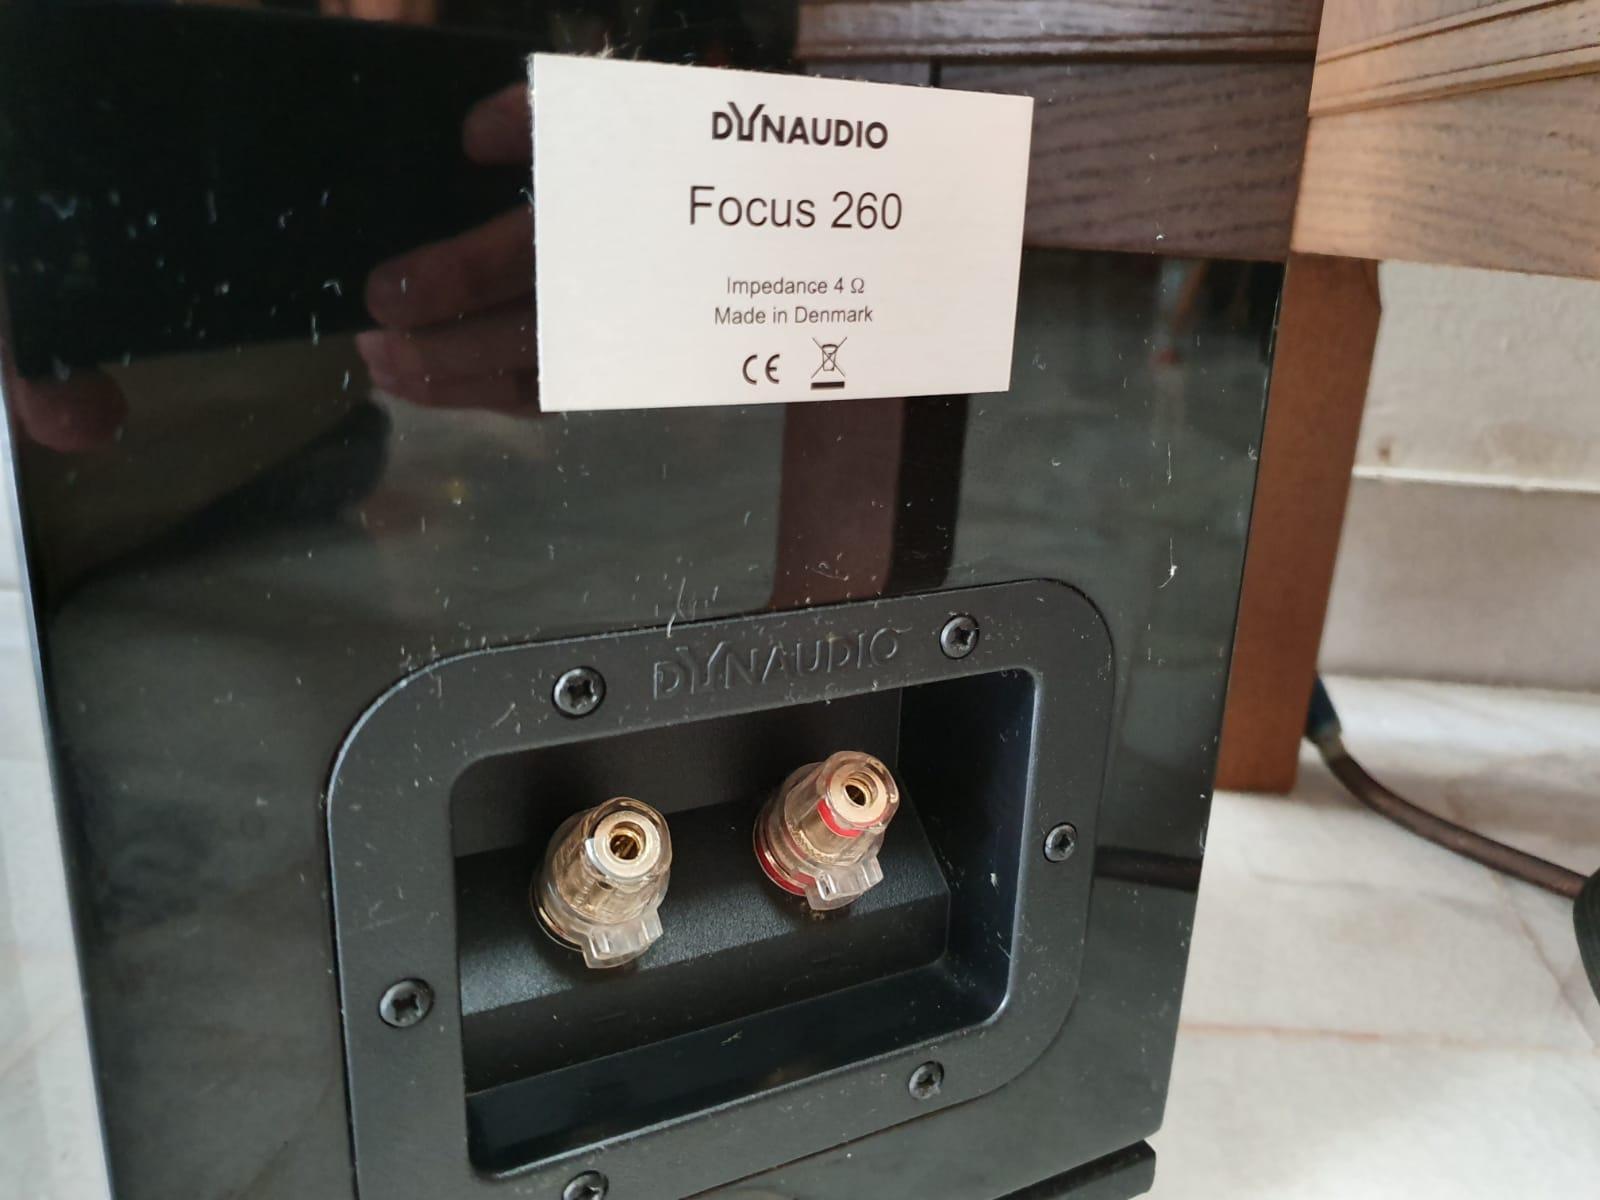 Dynaudio Focus 260 D22fcc12